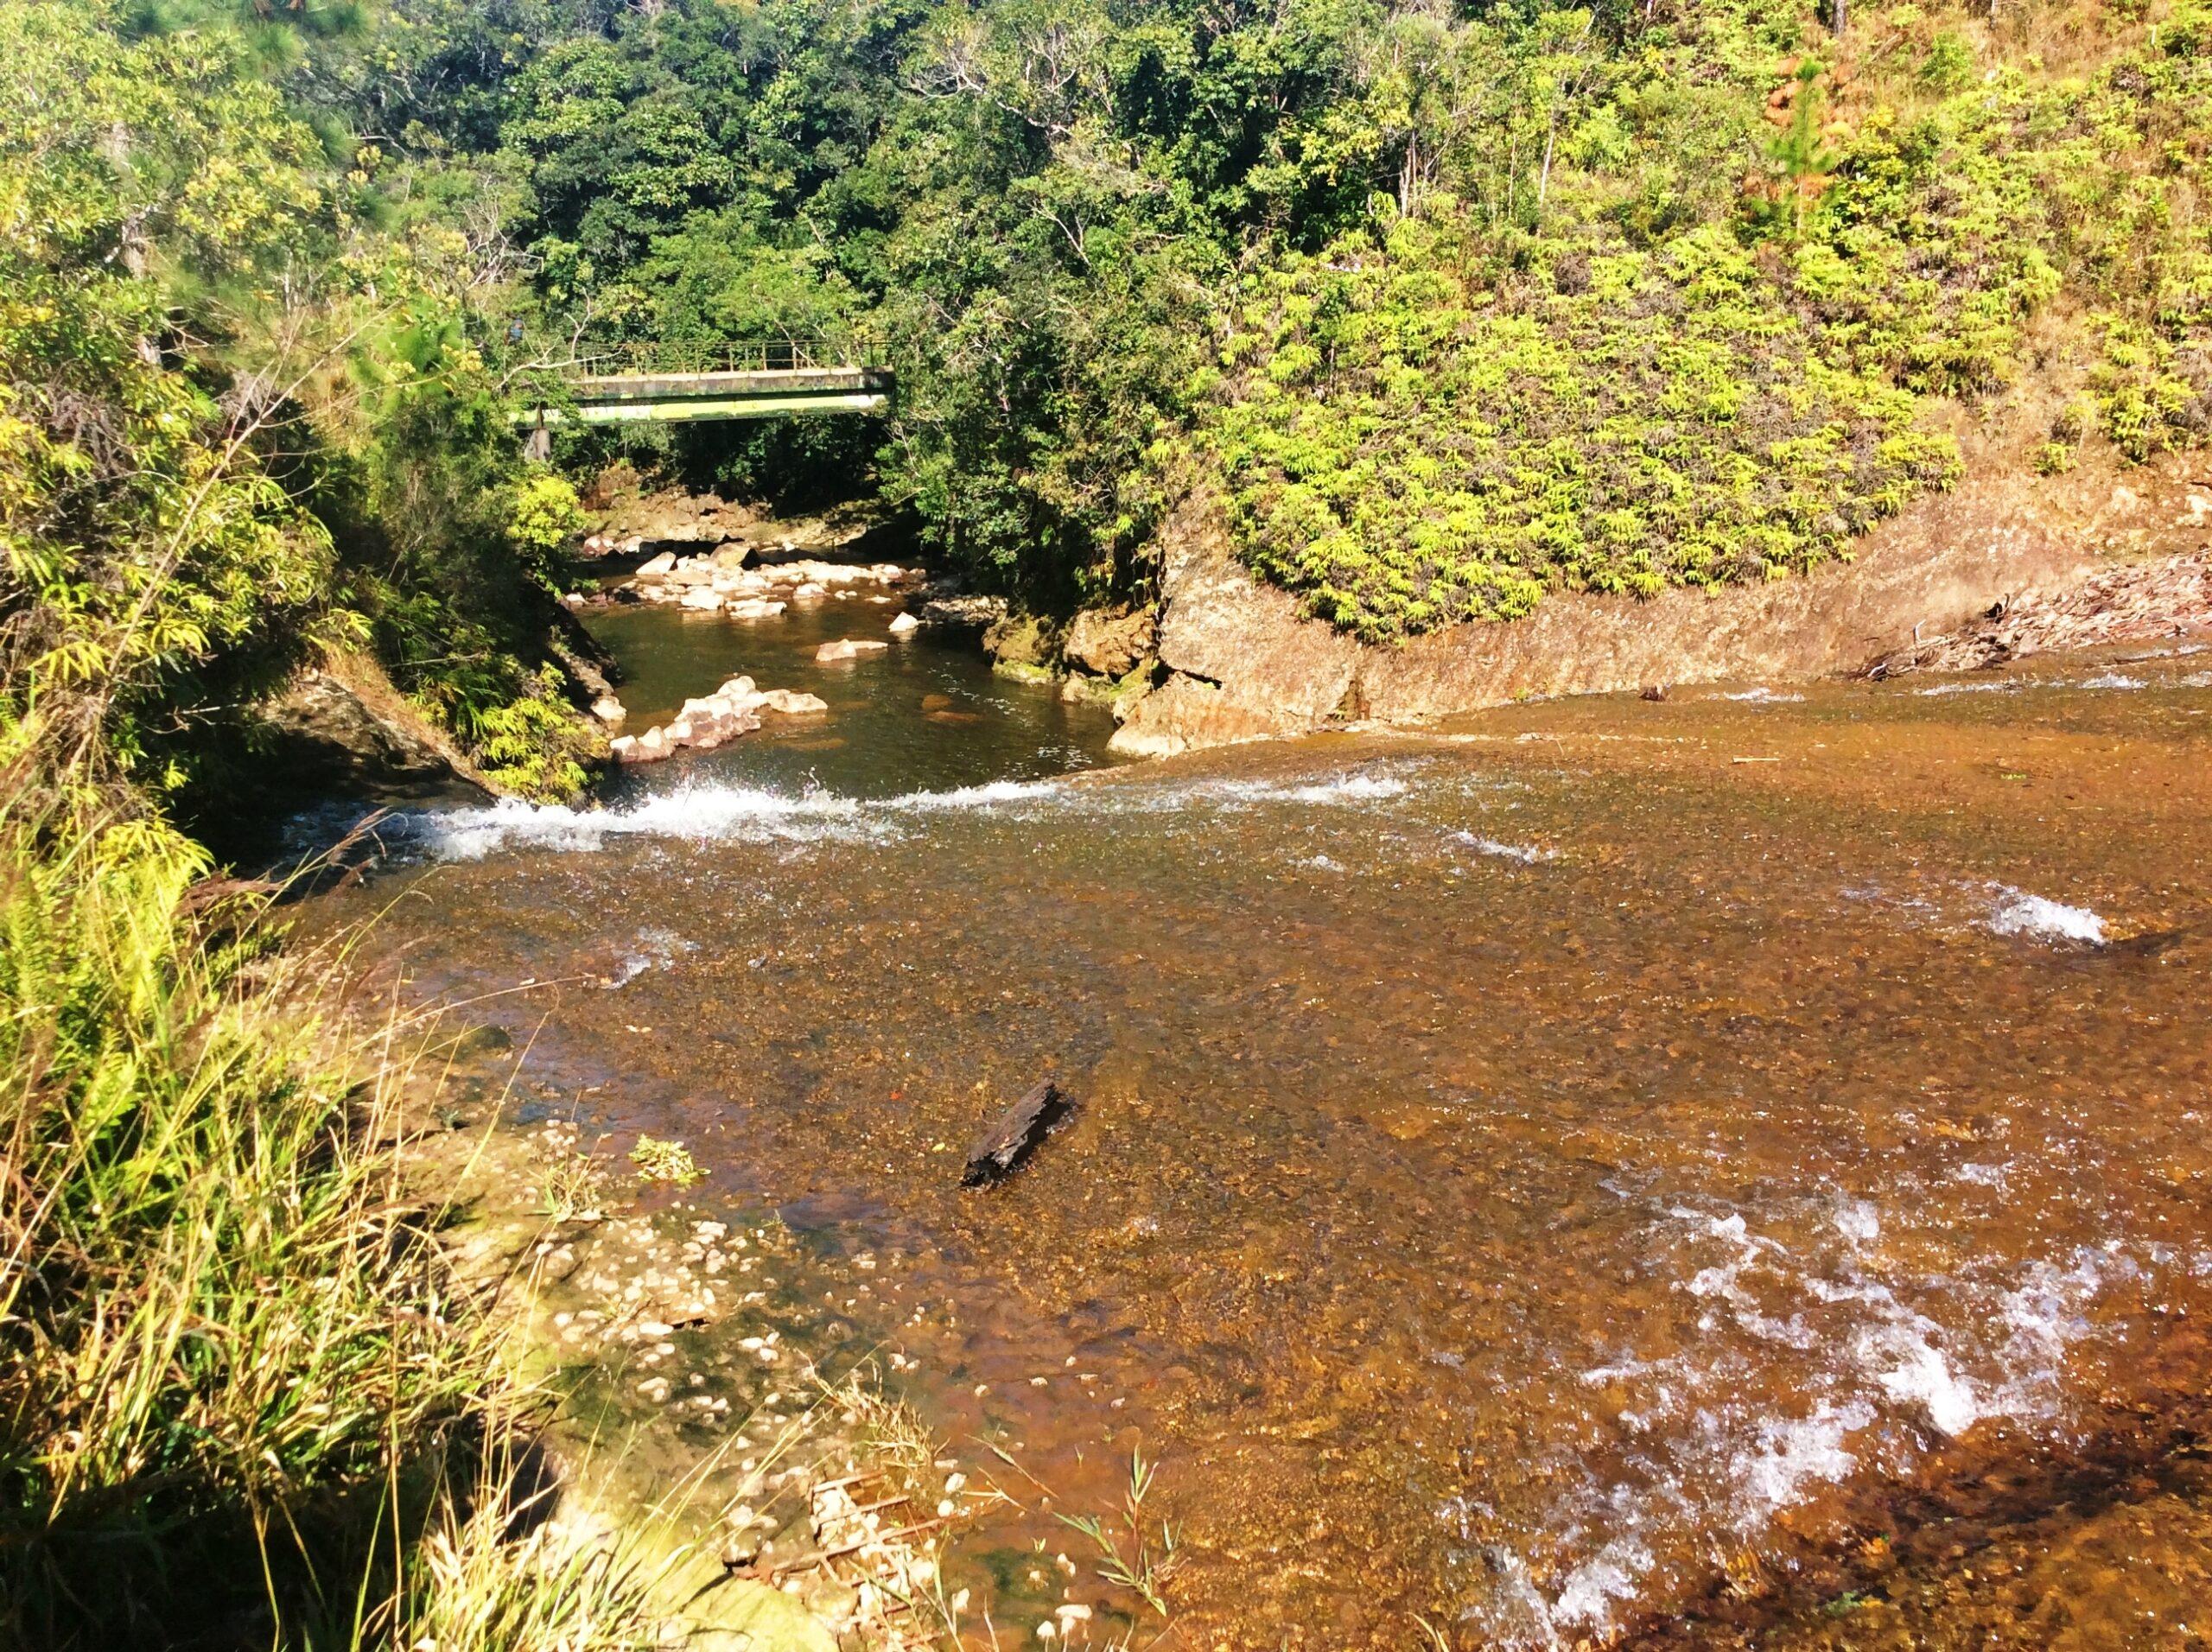 São Paulo finaliza Programa de Aceleração da Área de Proteção Ambiental Capivari-Monos